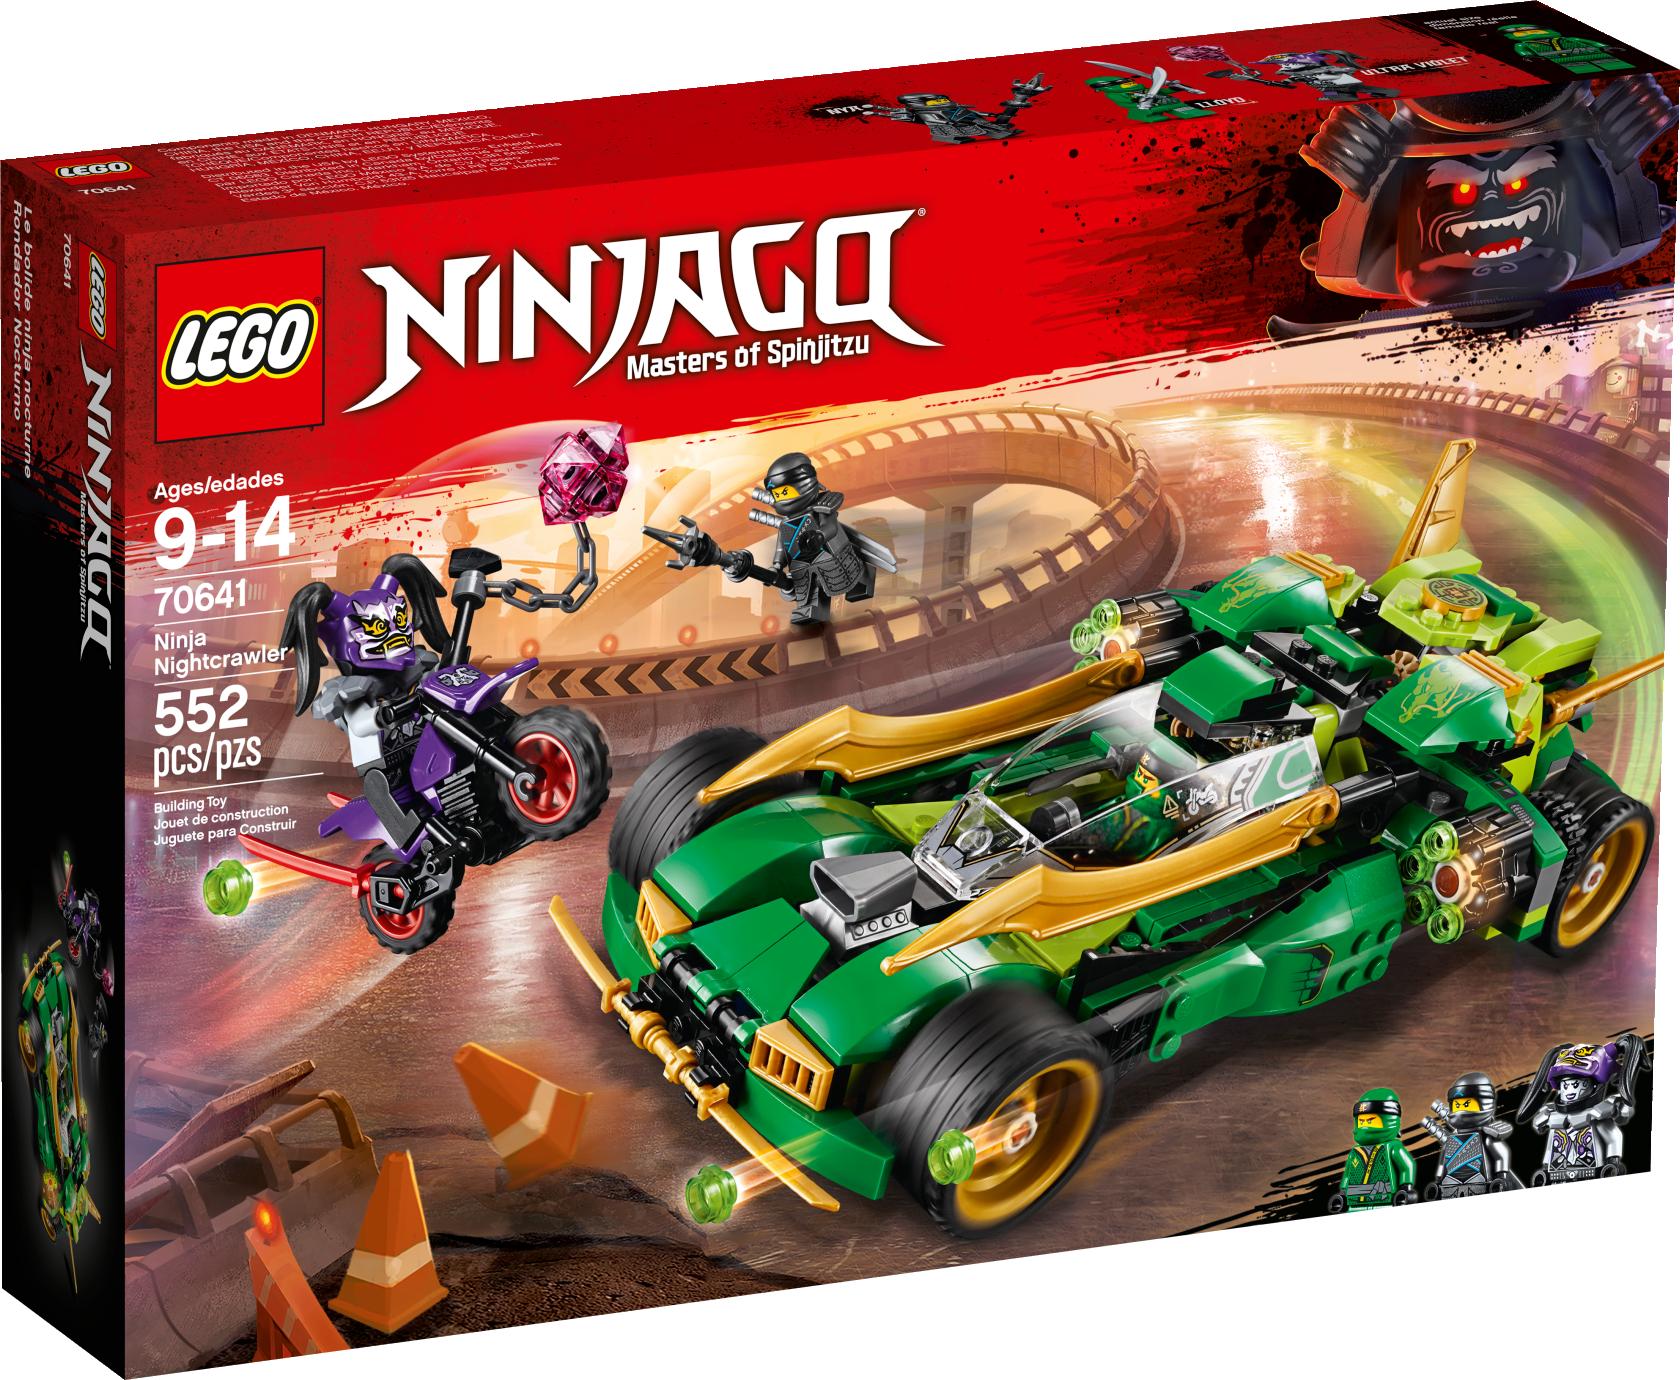 Ninja Nightcrawler